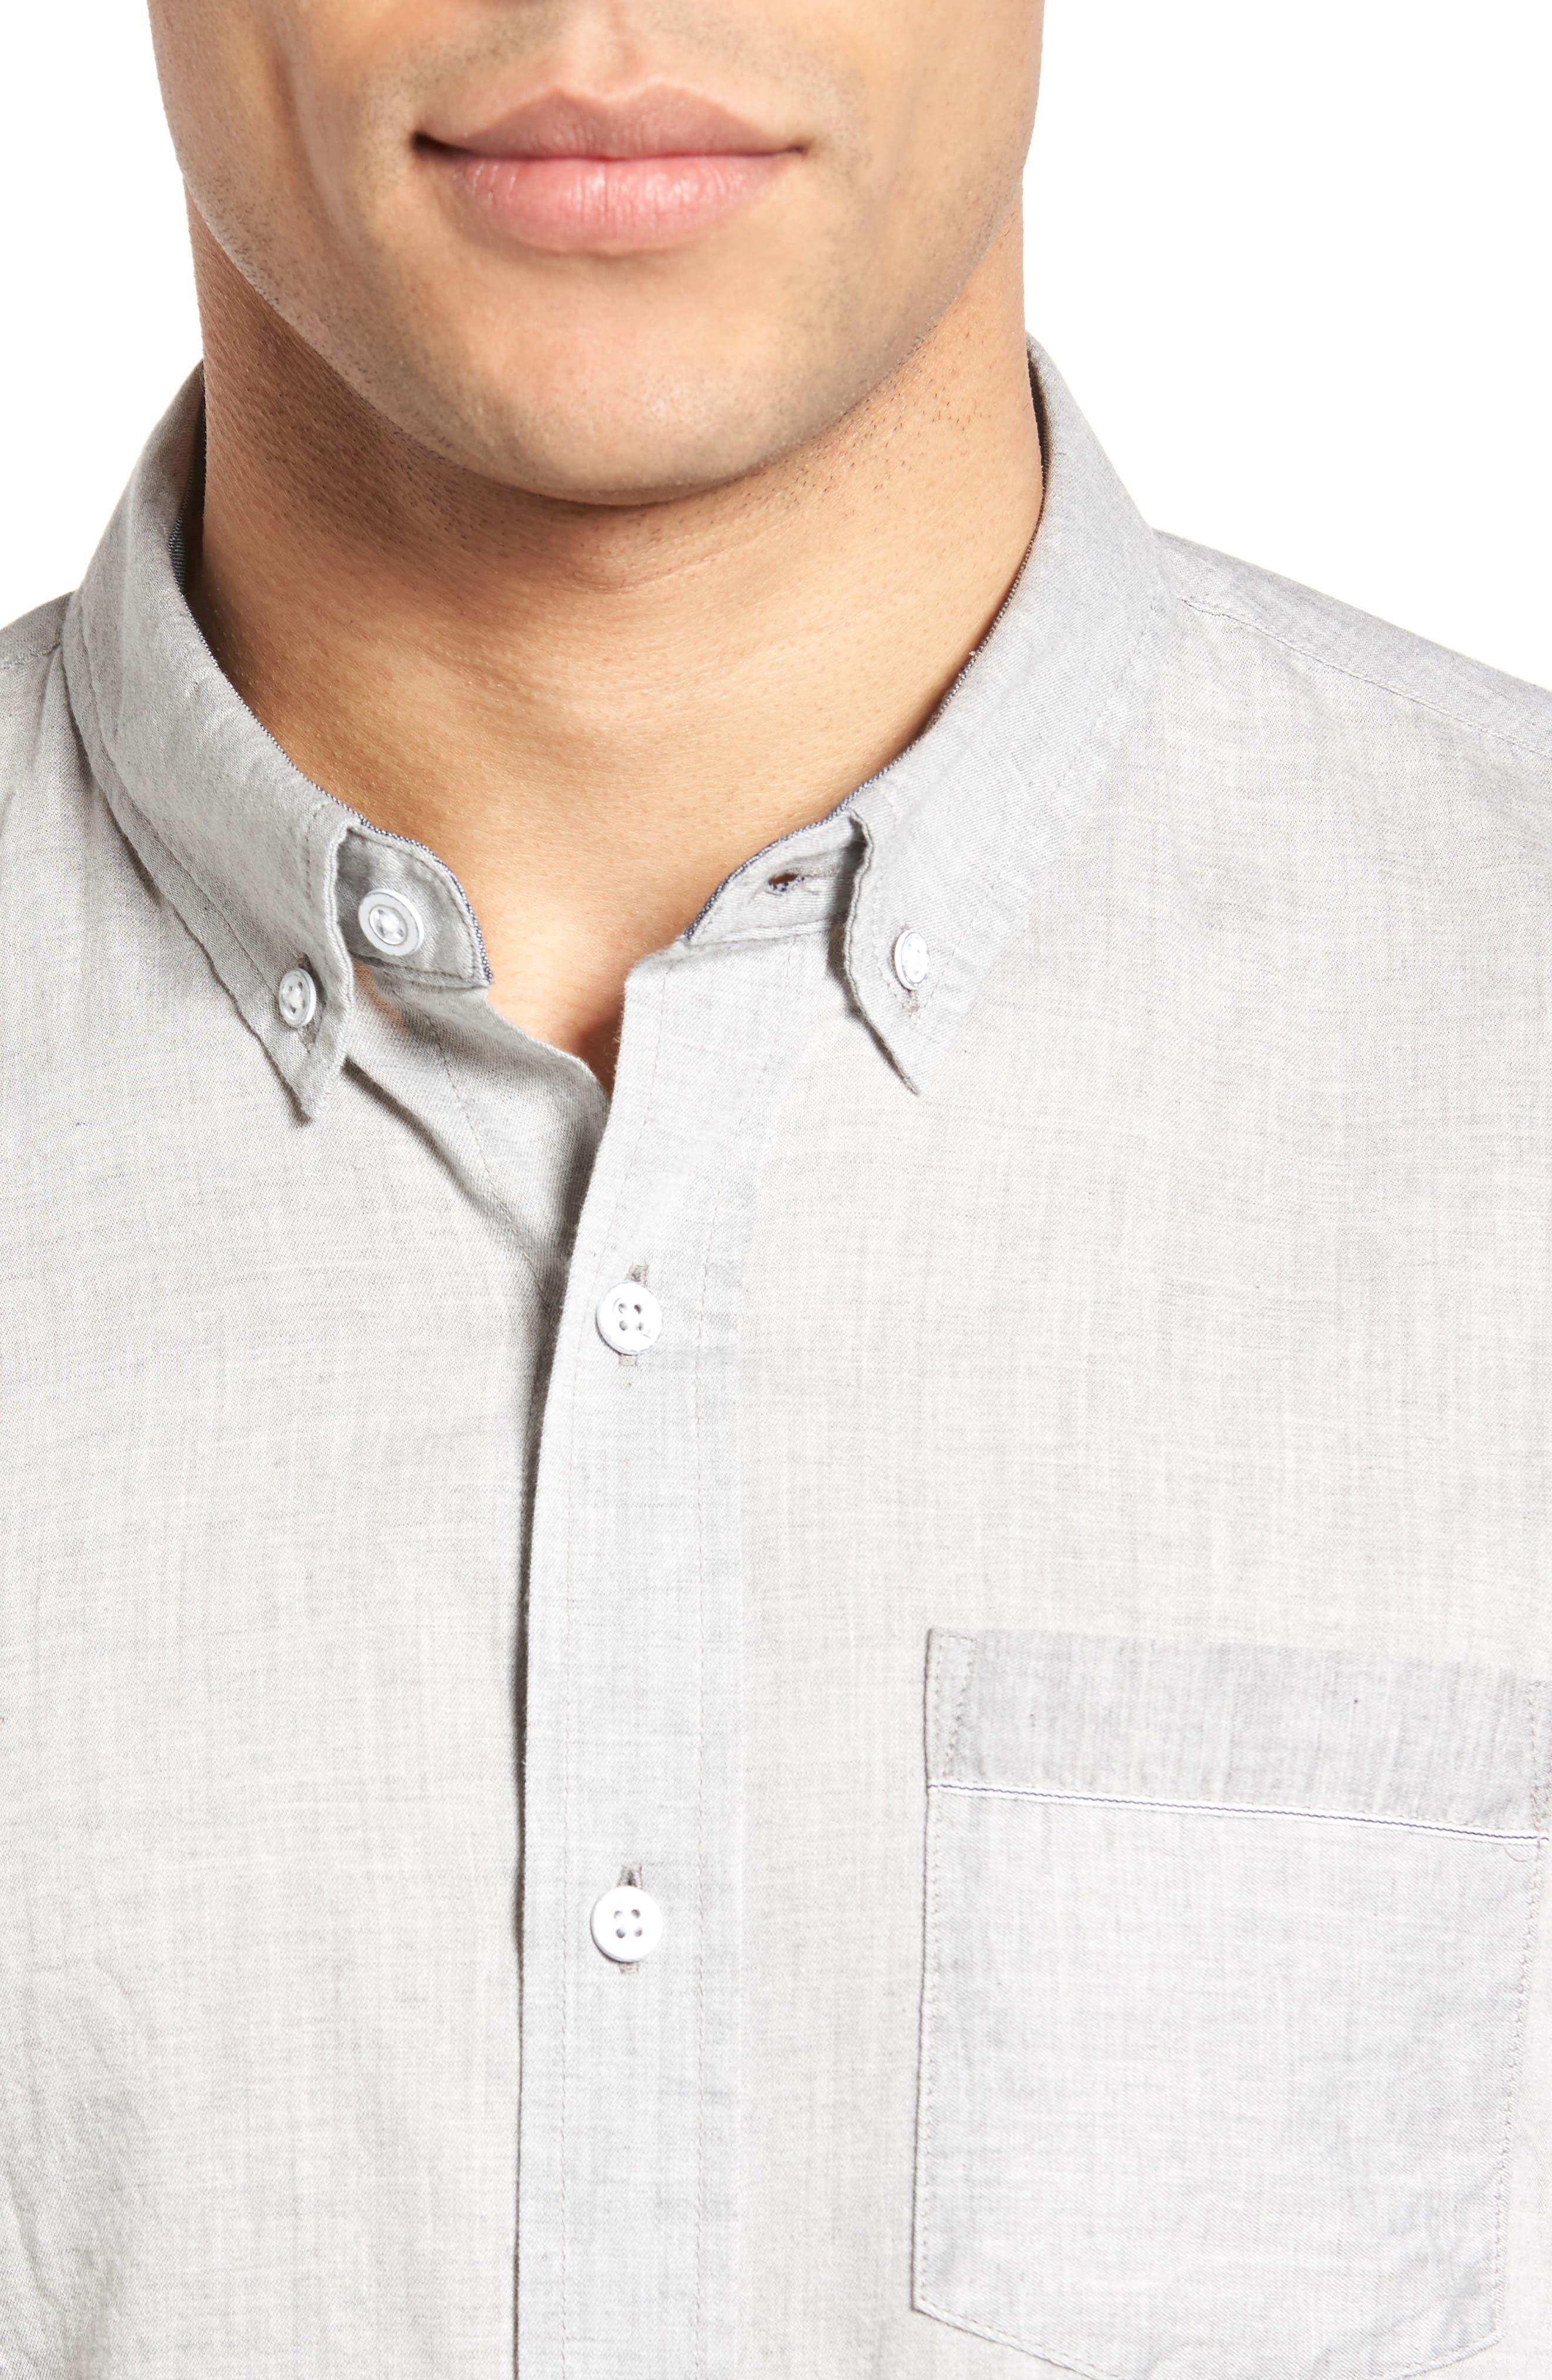 Grady Trim Fit Sport Shirt,                             Alternate thumbnail 4, color,                             022